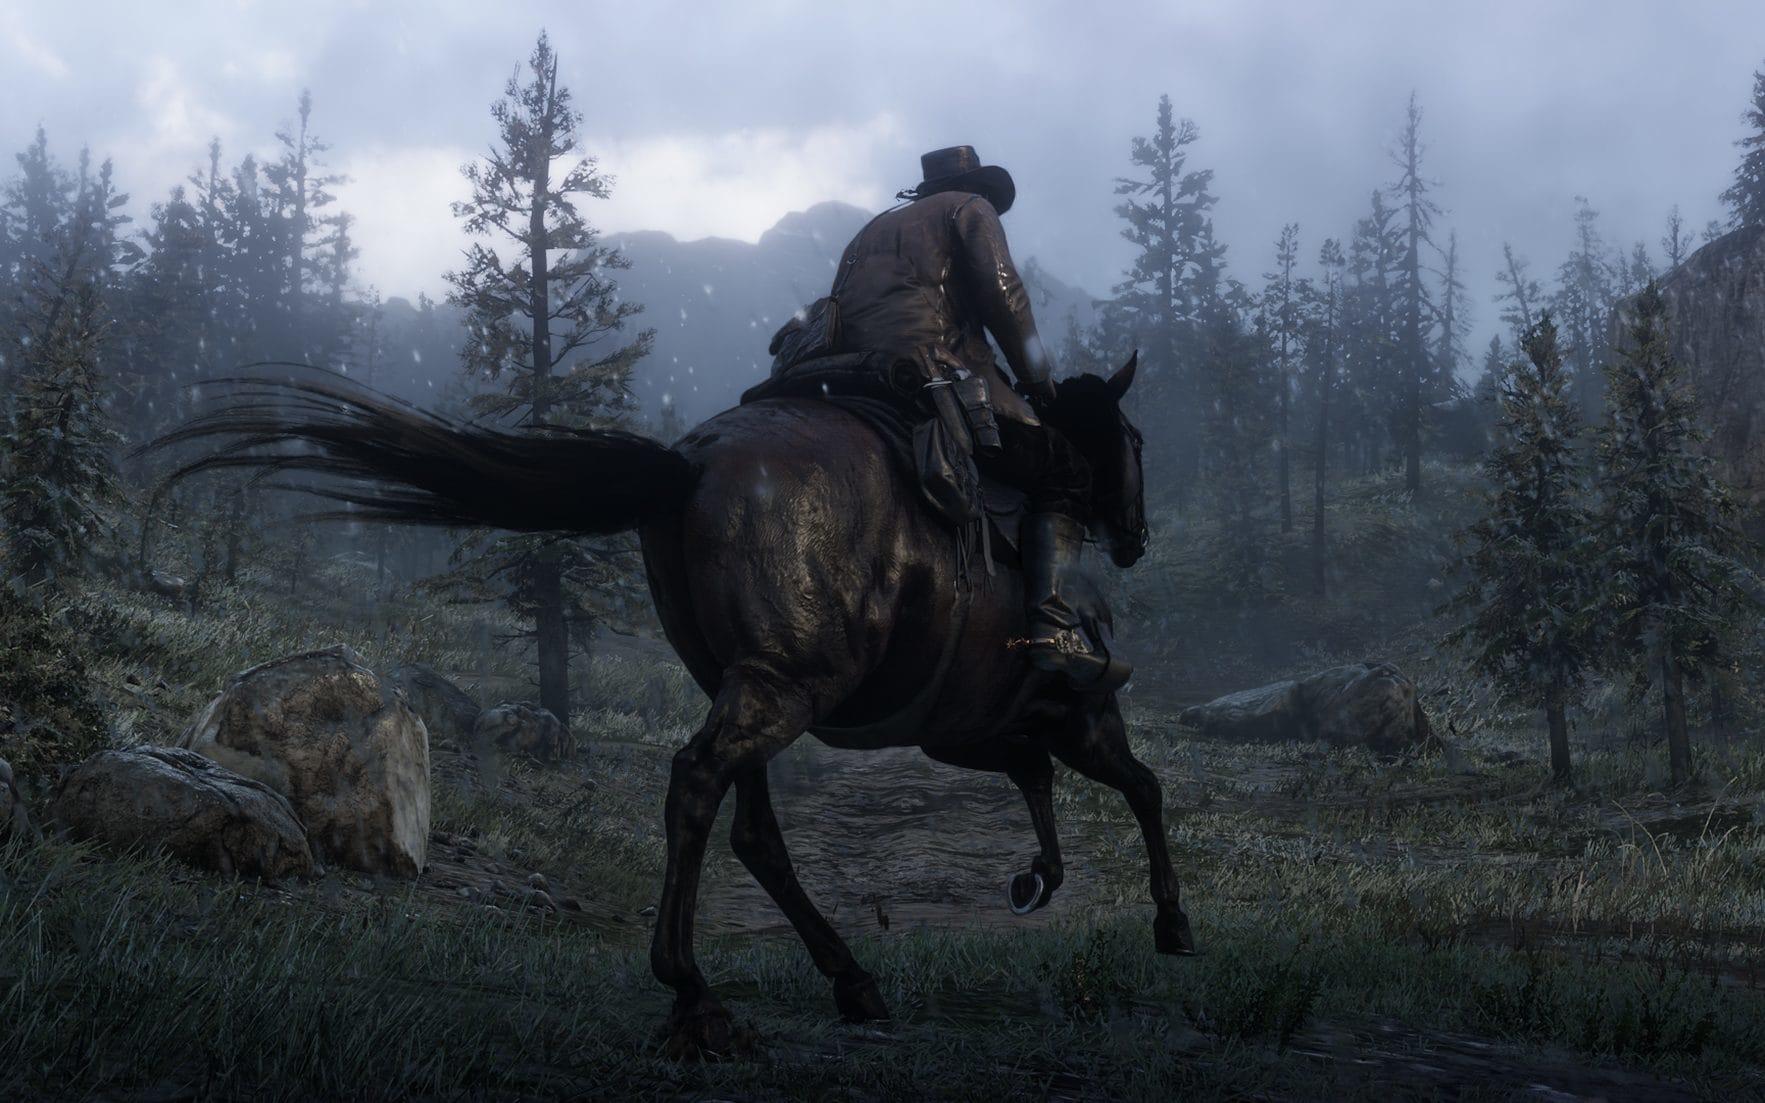 نخستین تریلر از گیمپلی Red Dead Redemption 2 منتشر شد (کیفیت ۴K اضافه شد)